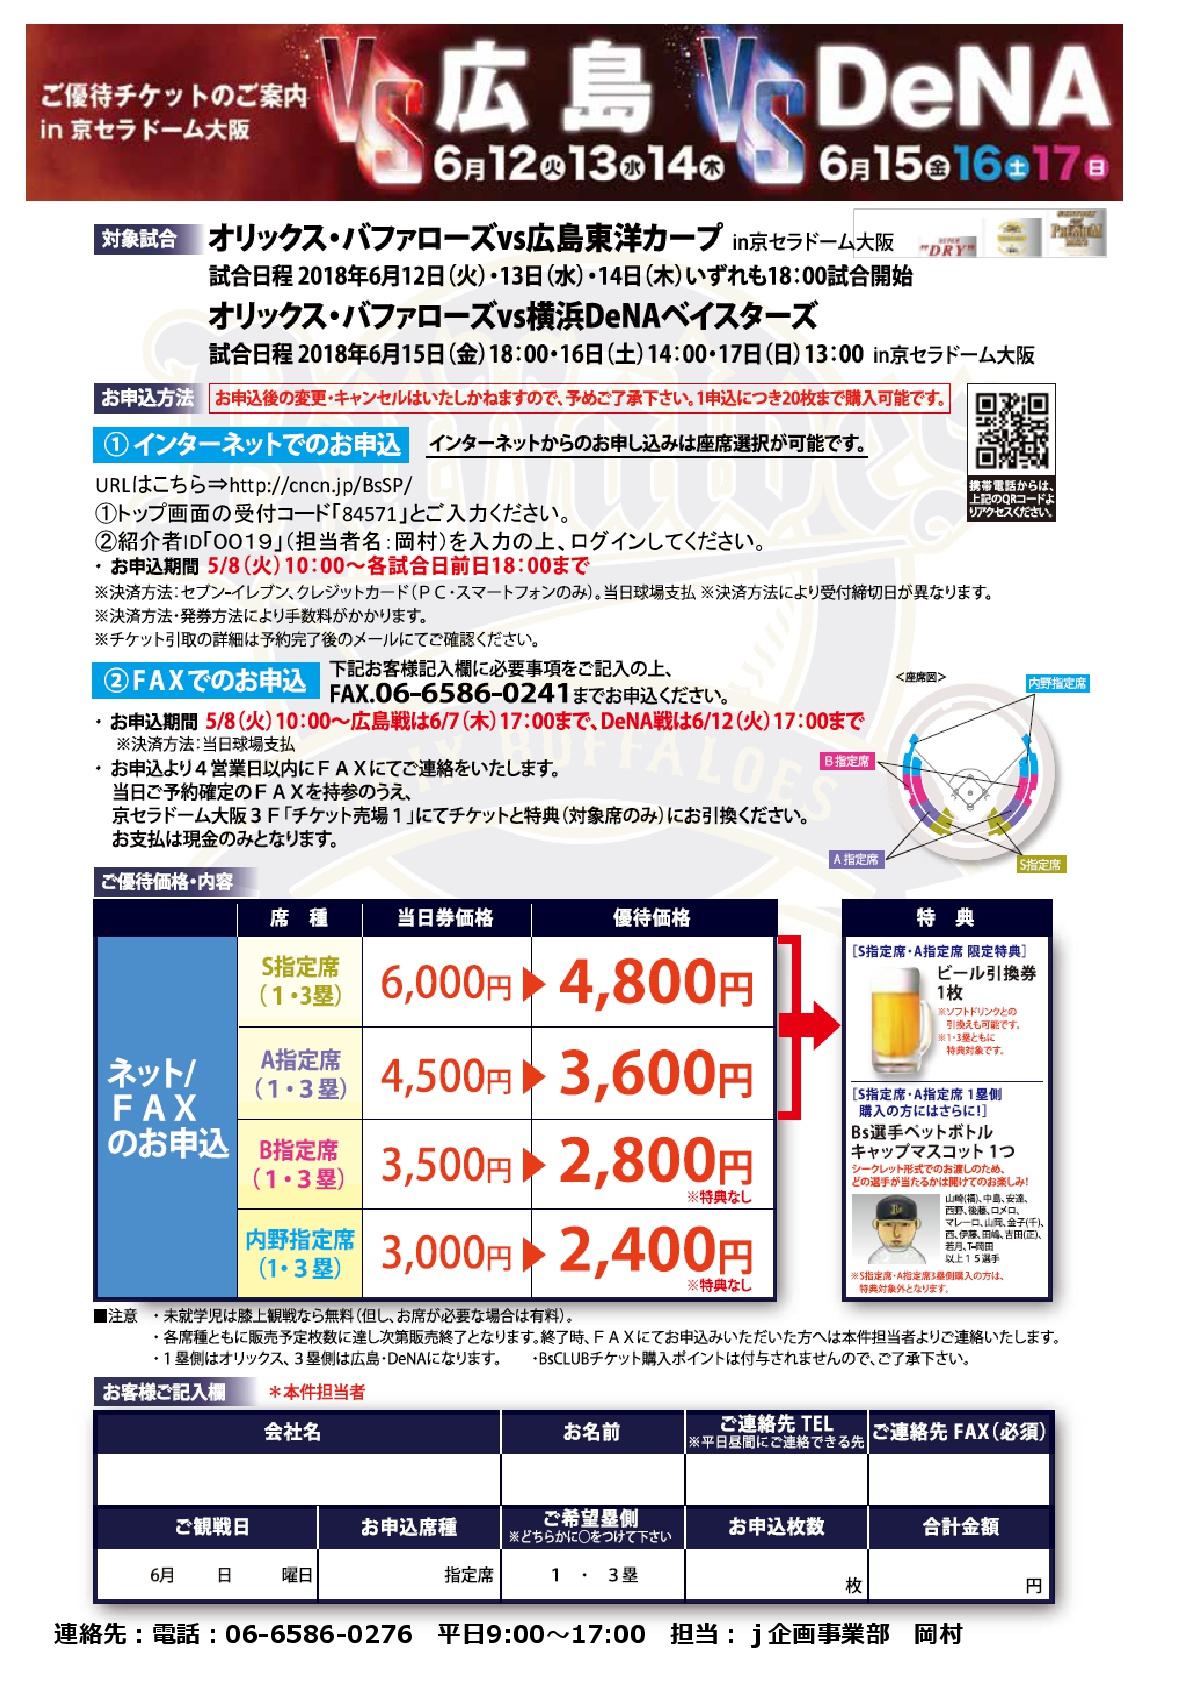 交流戦広島&横浜優待案内用紙-001